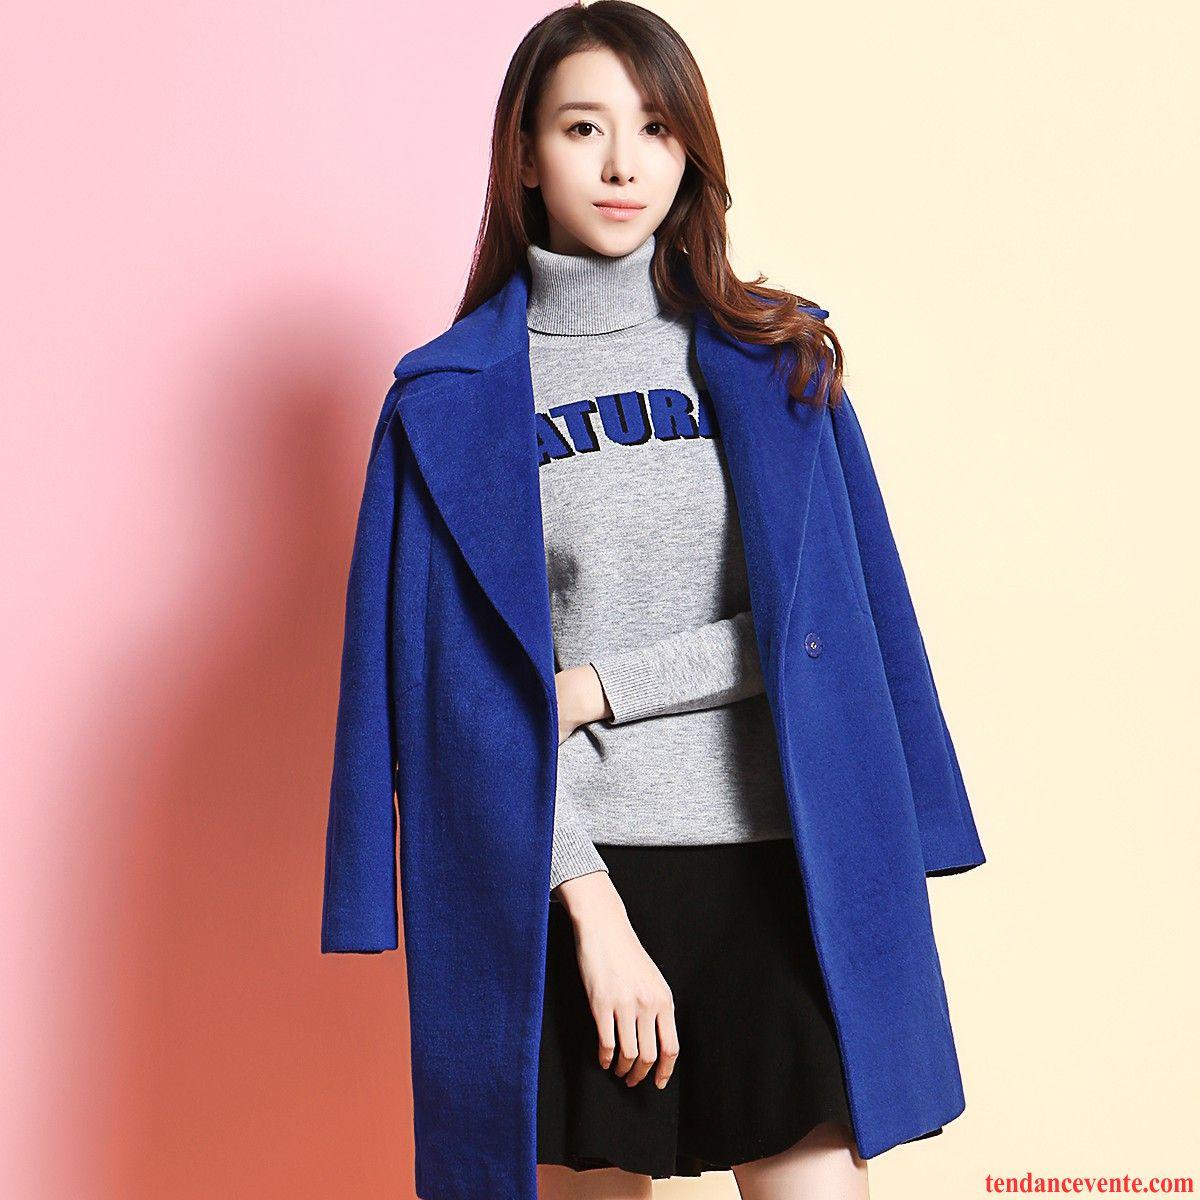 manteau de cuir pour femme veste l 39 automne pardessus hiver. Black Bedroom Furniture Sets. Home Design Ideas